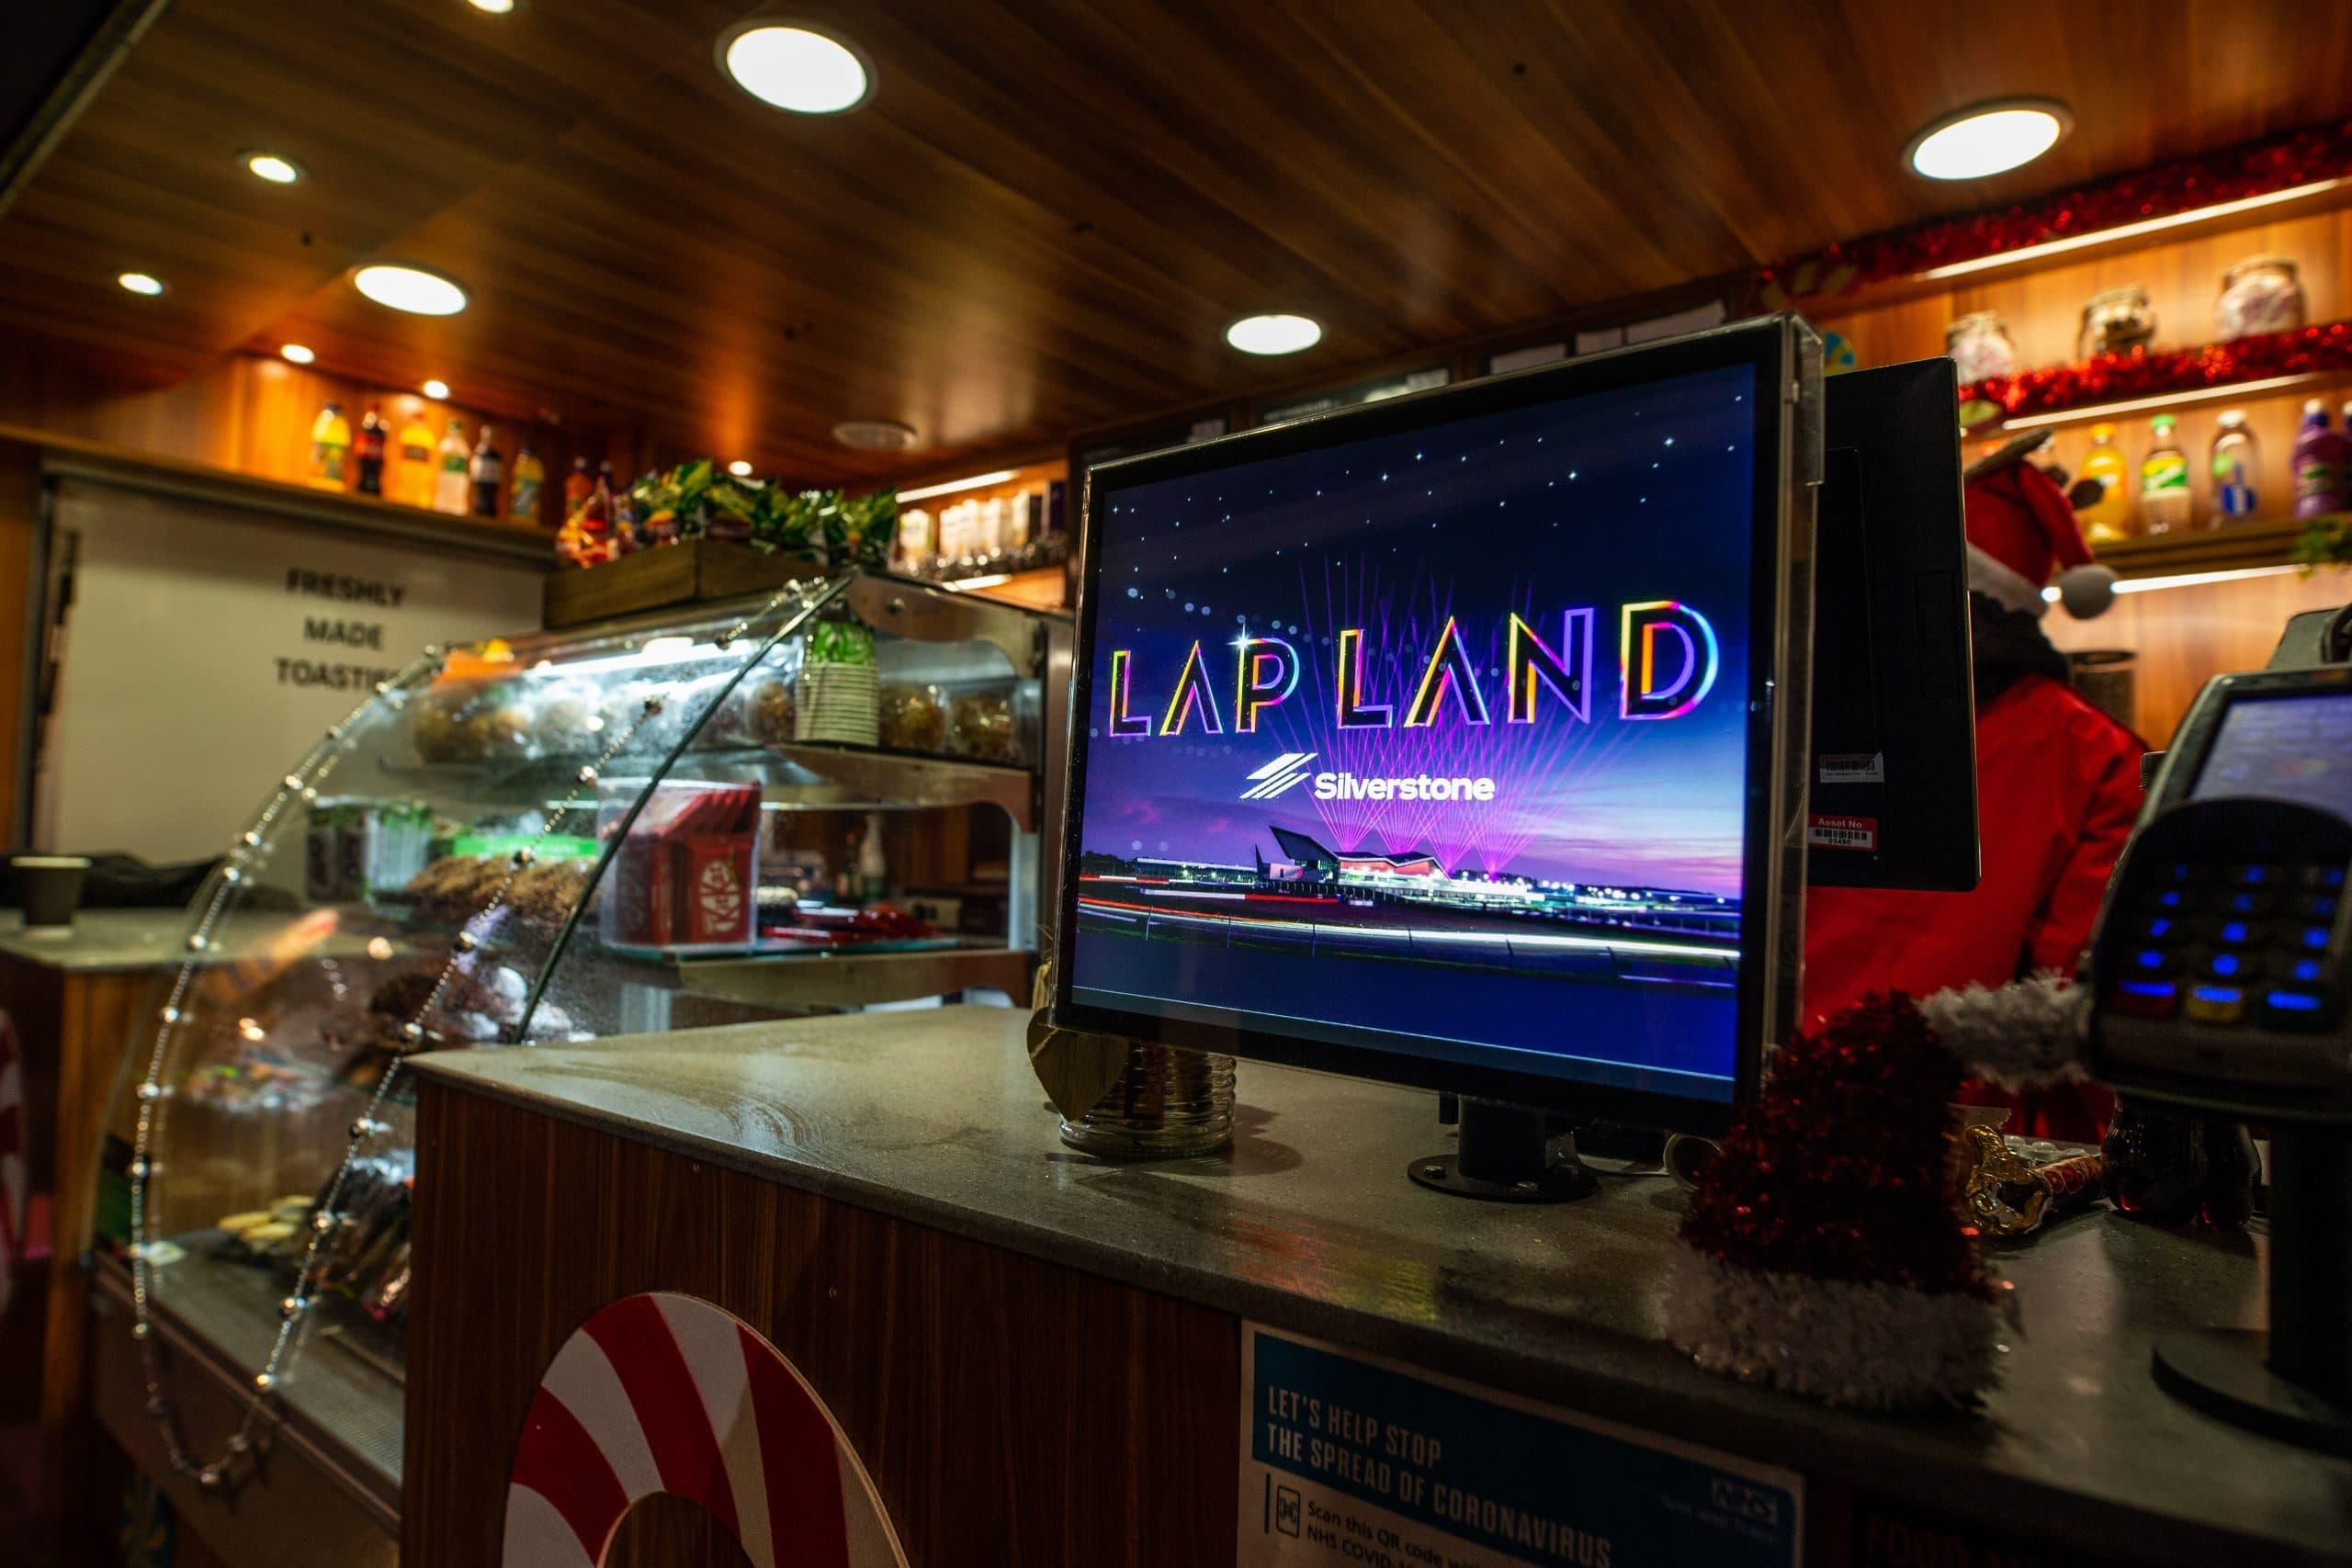 Lap Land